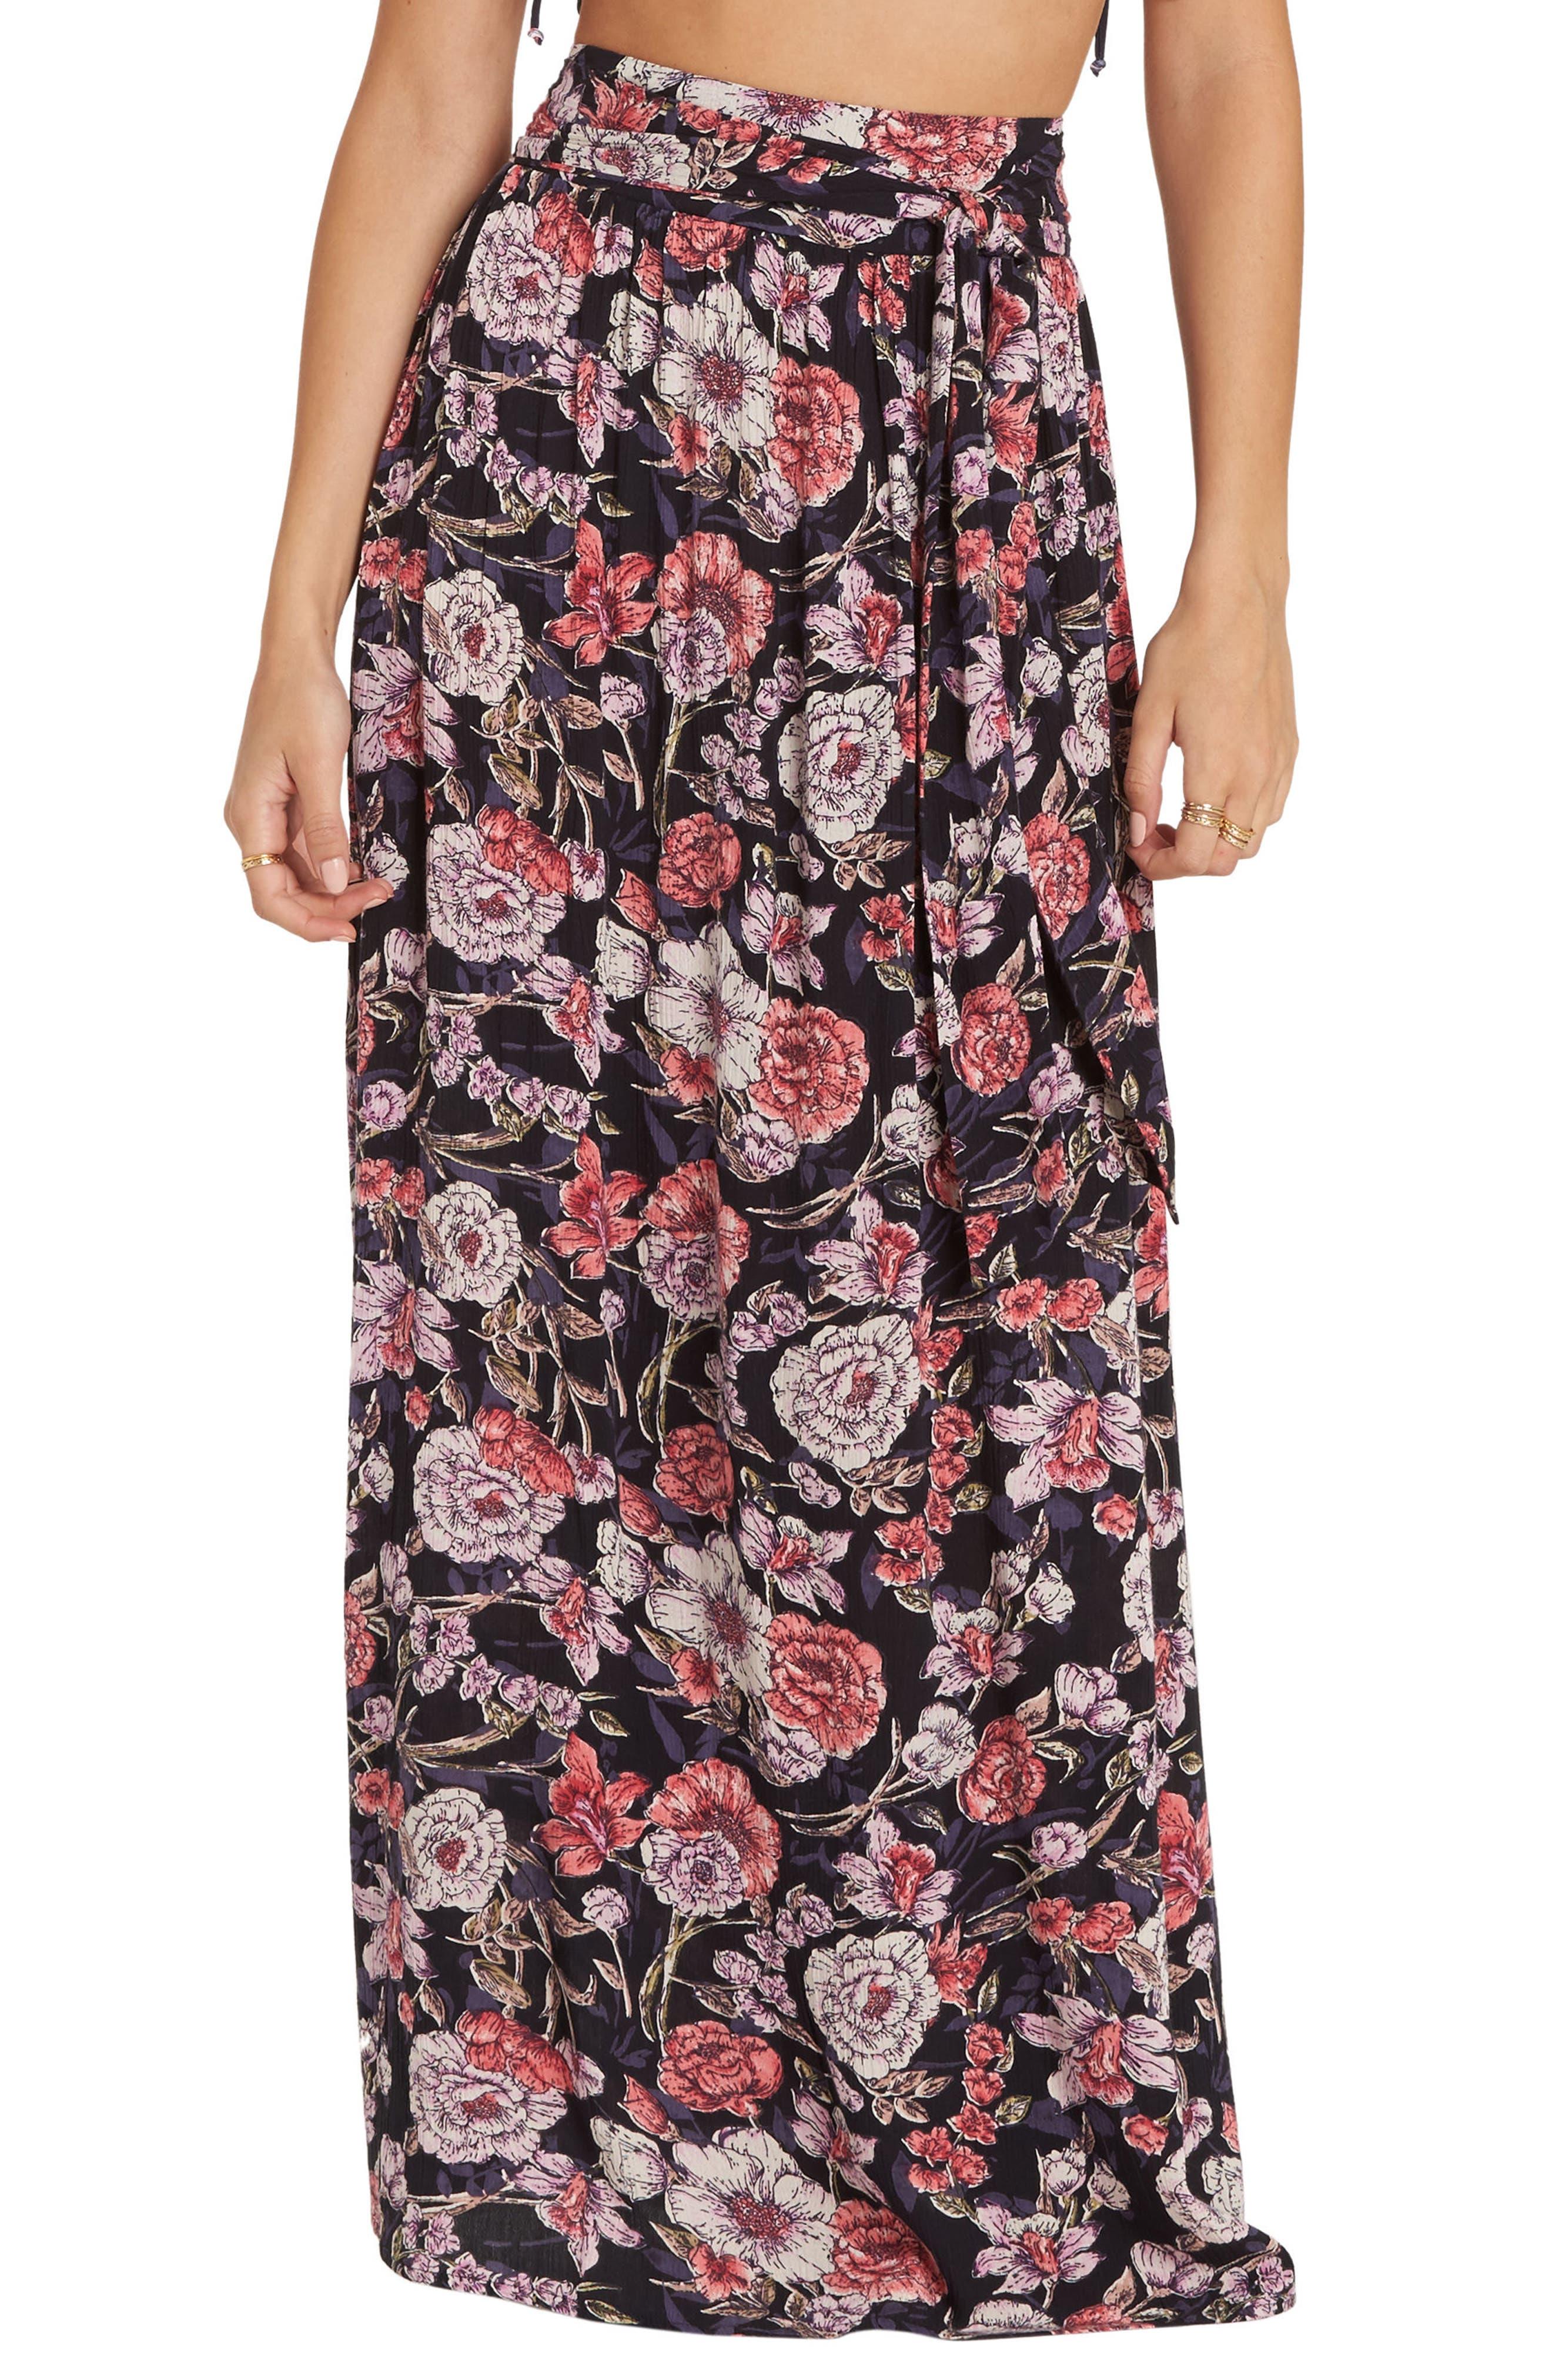 Billabong High Tides Floral Print Maxi Skirt